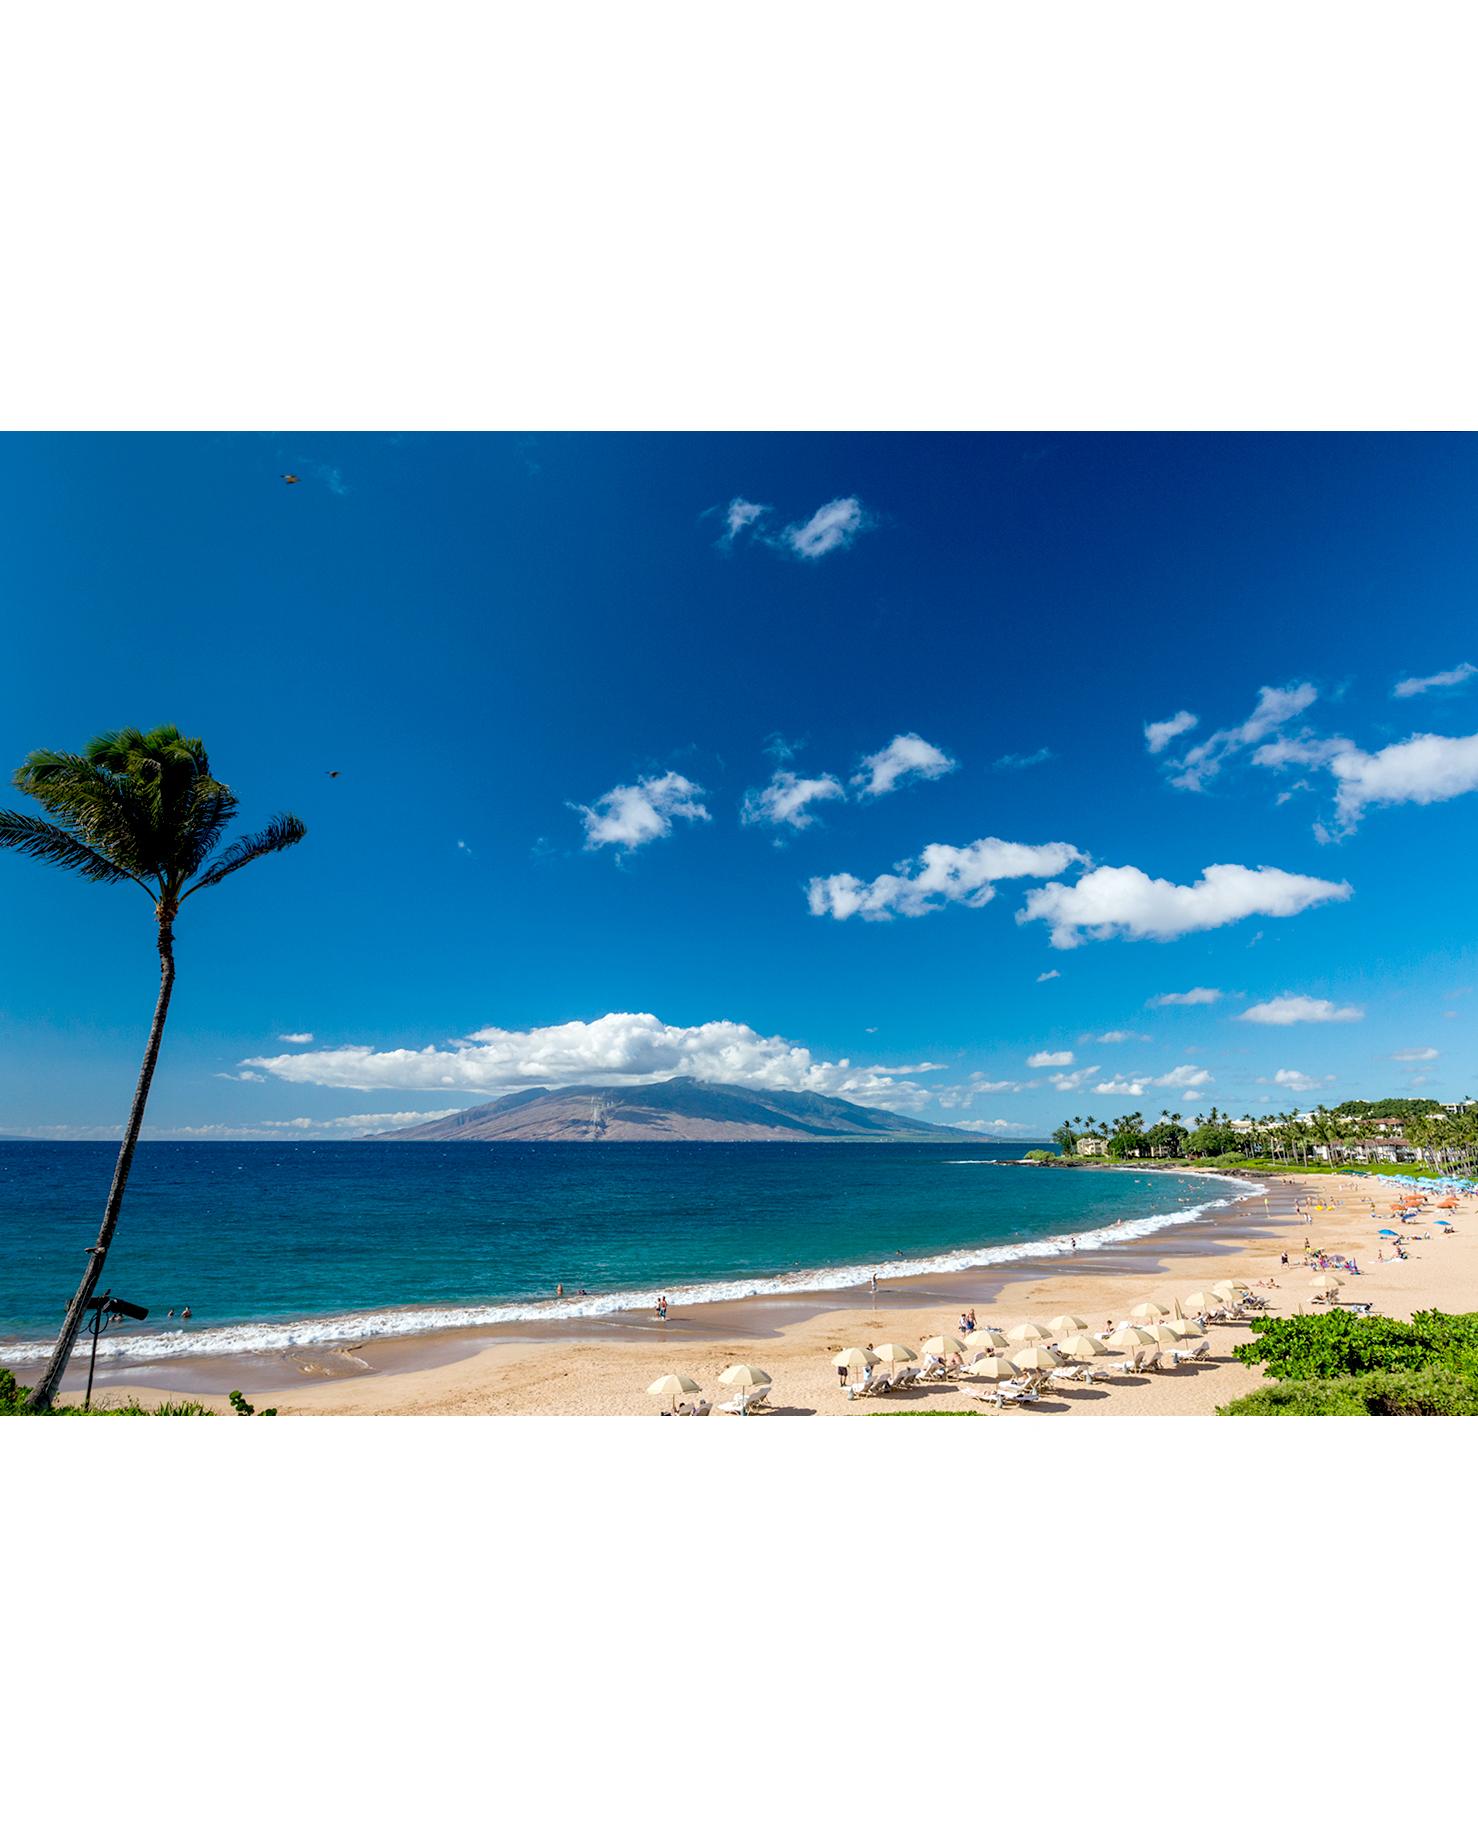 Wailea Beach in Maui, Hawaii